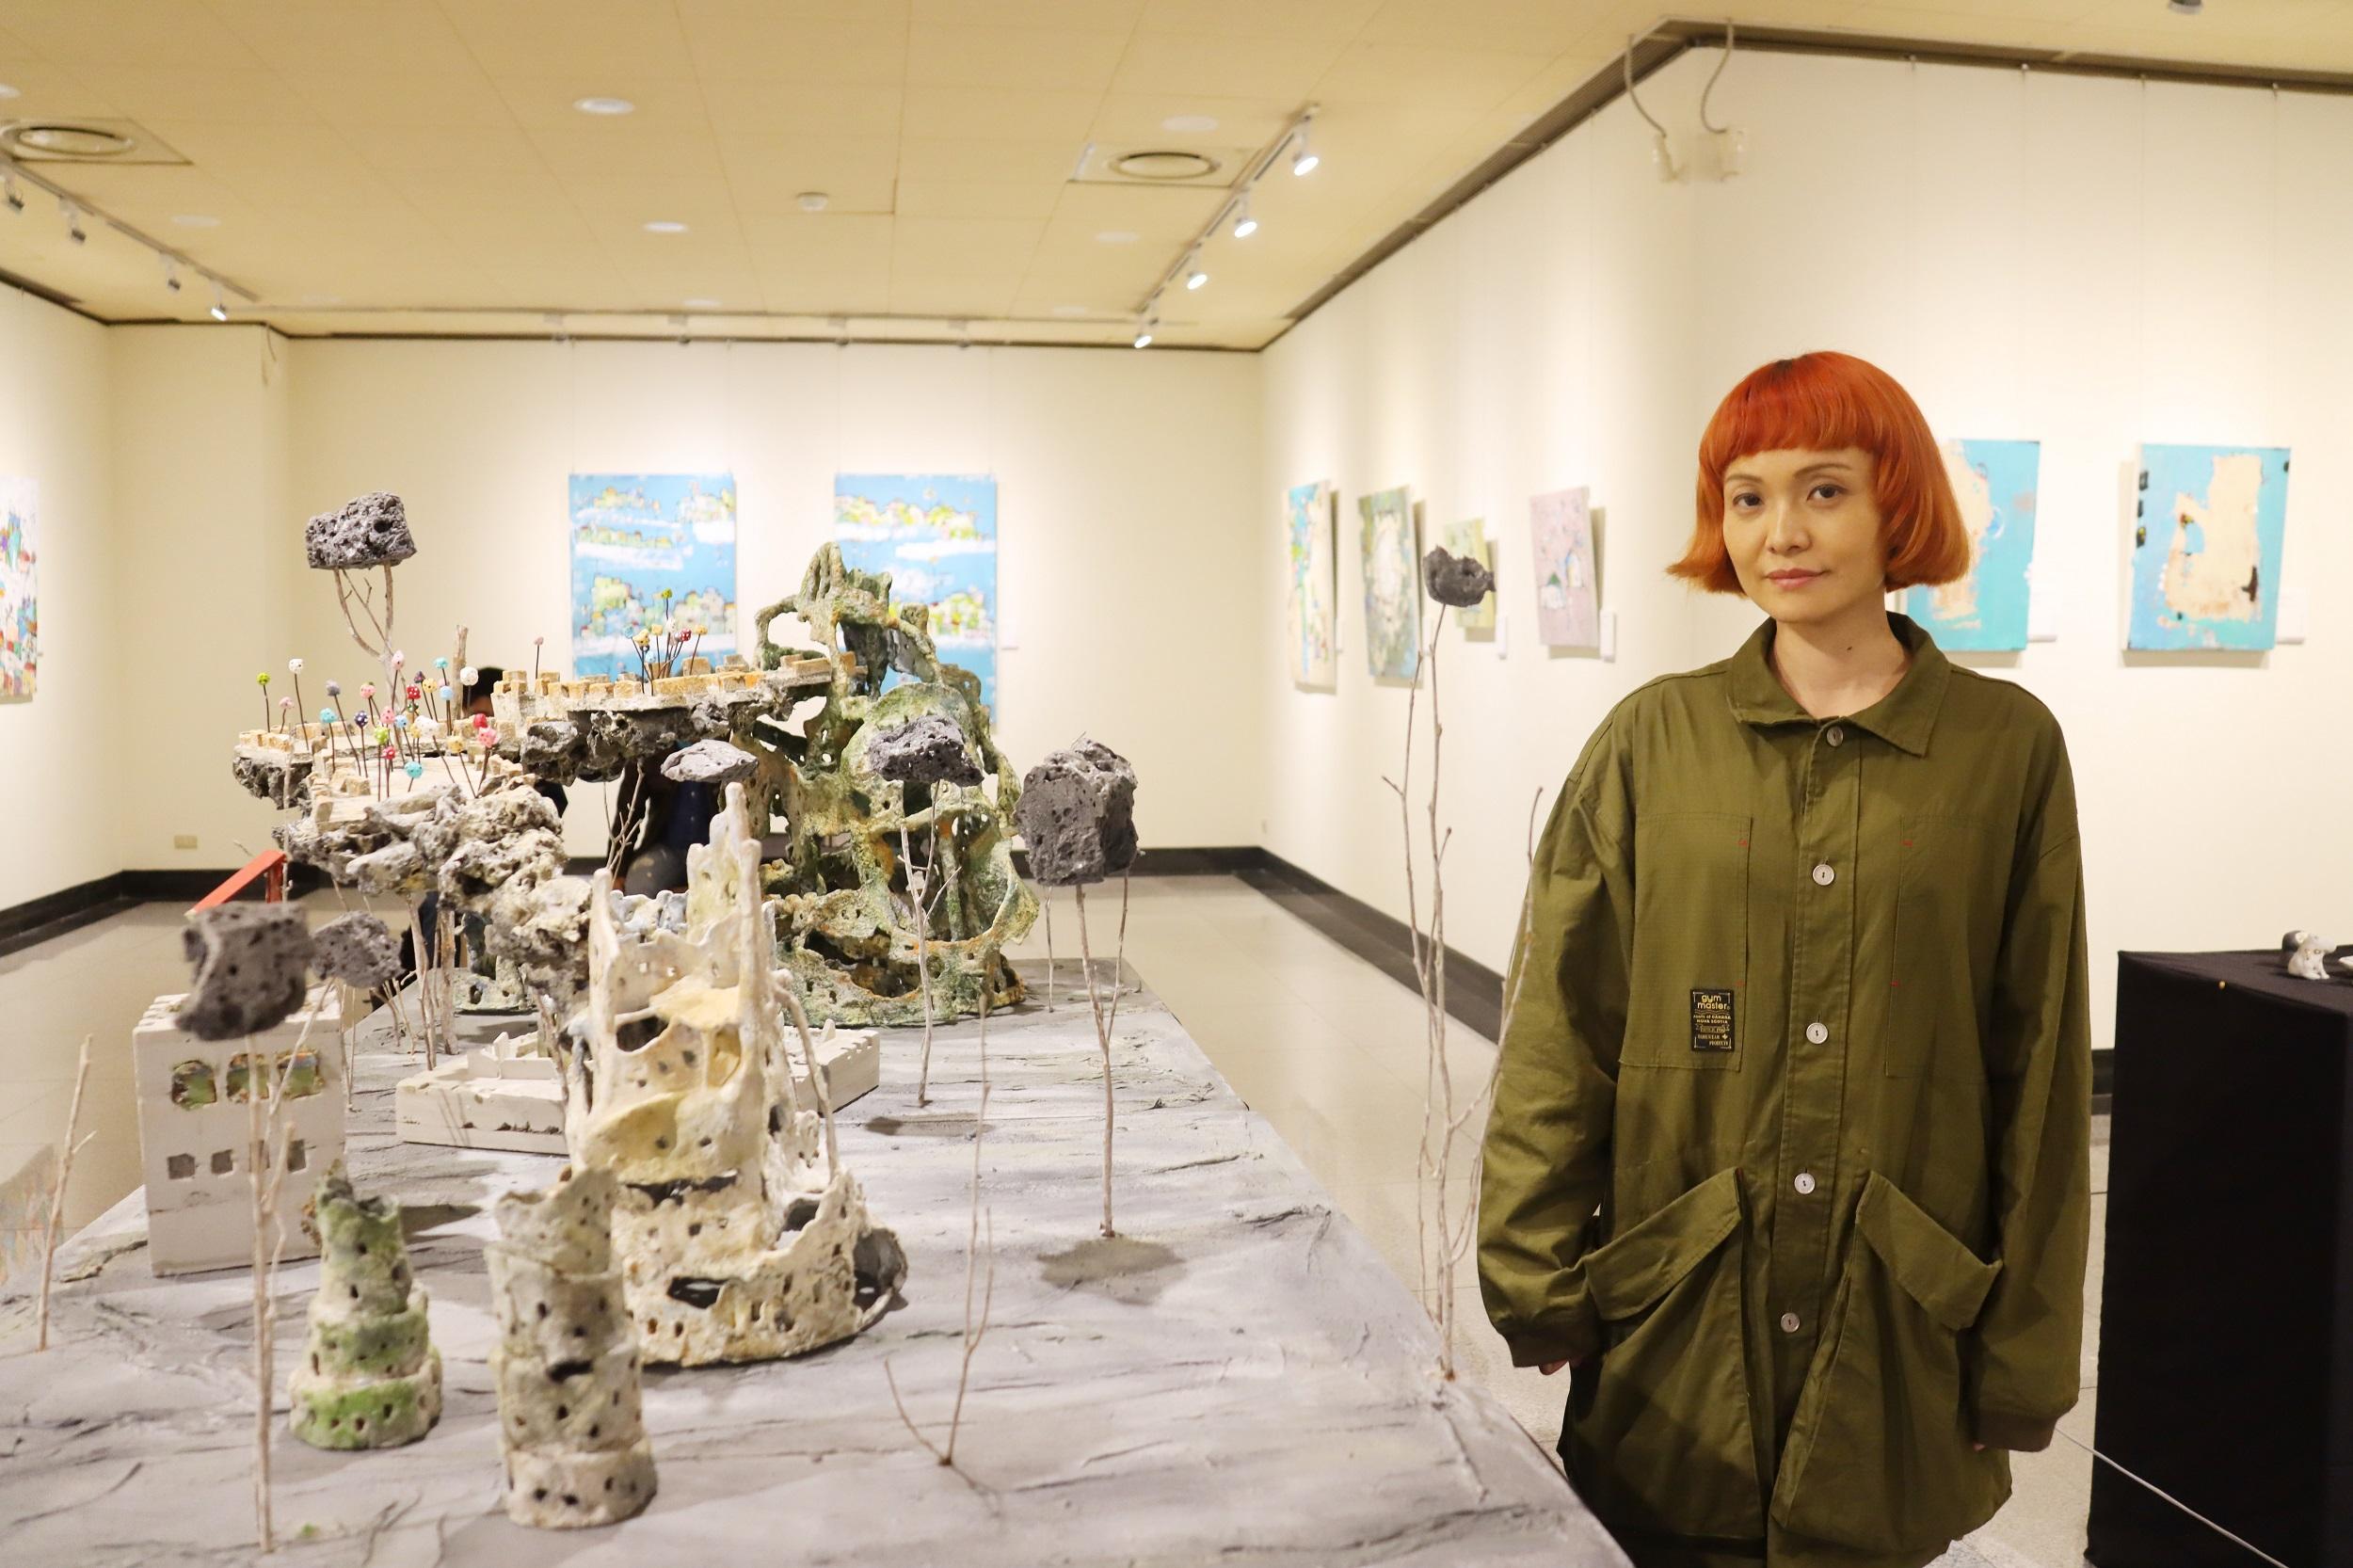 跨領域從零開始的藝術家 寧芮潔與顏蘇禎開啟人生副本